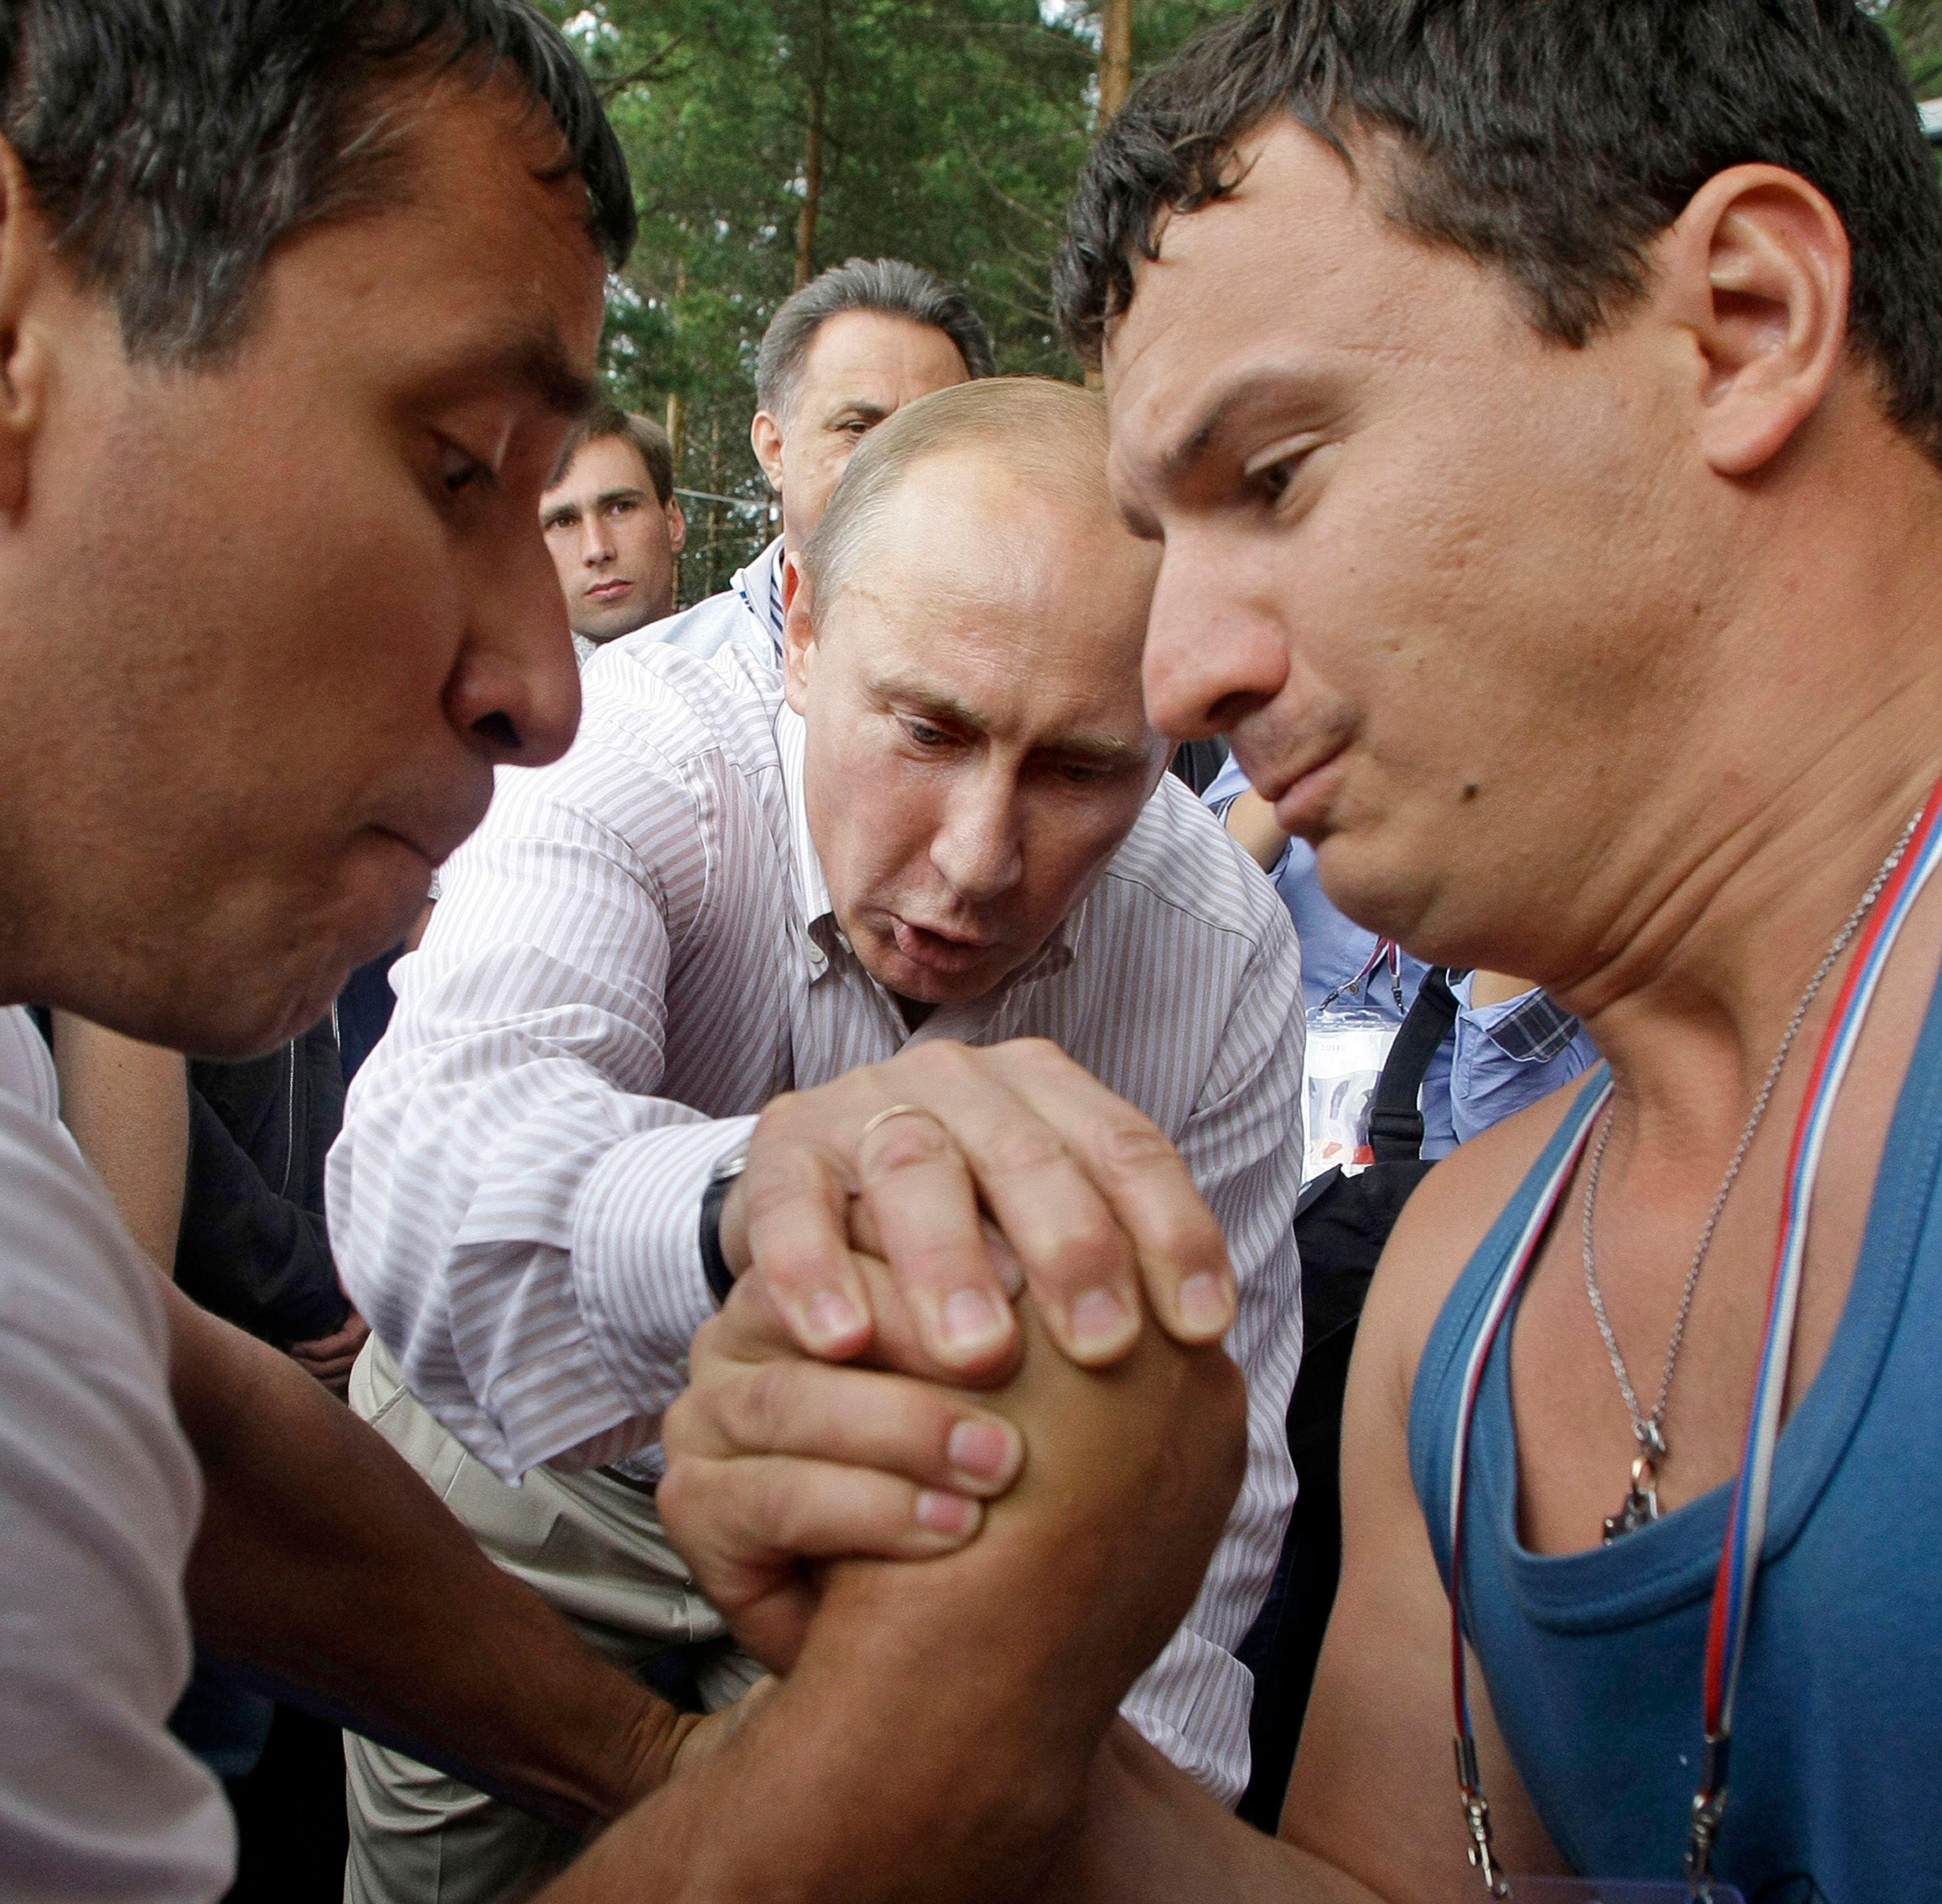 Le président russe Vladimir Poutine assiste à un match de bras de fer (photo d'illustration).